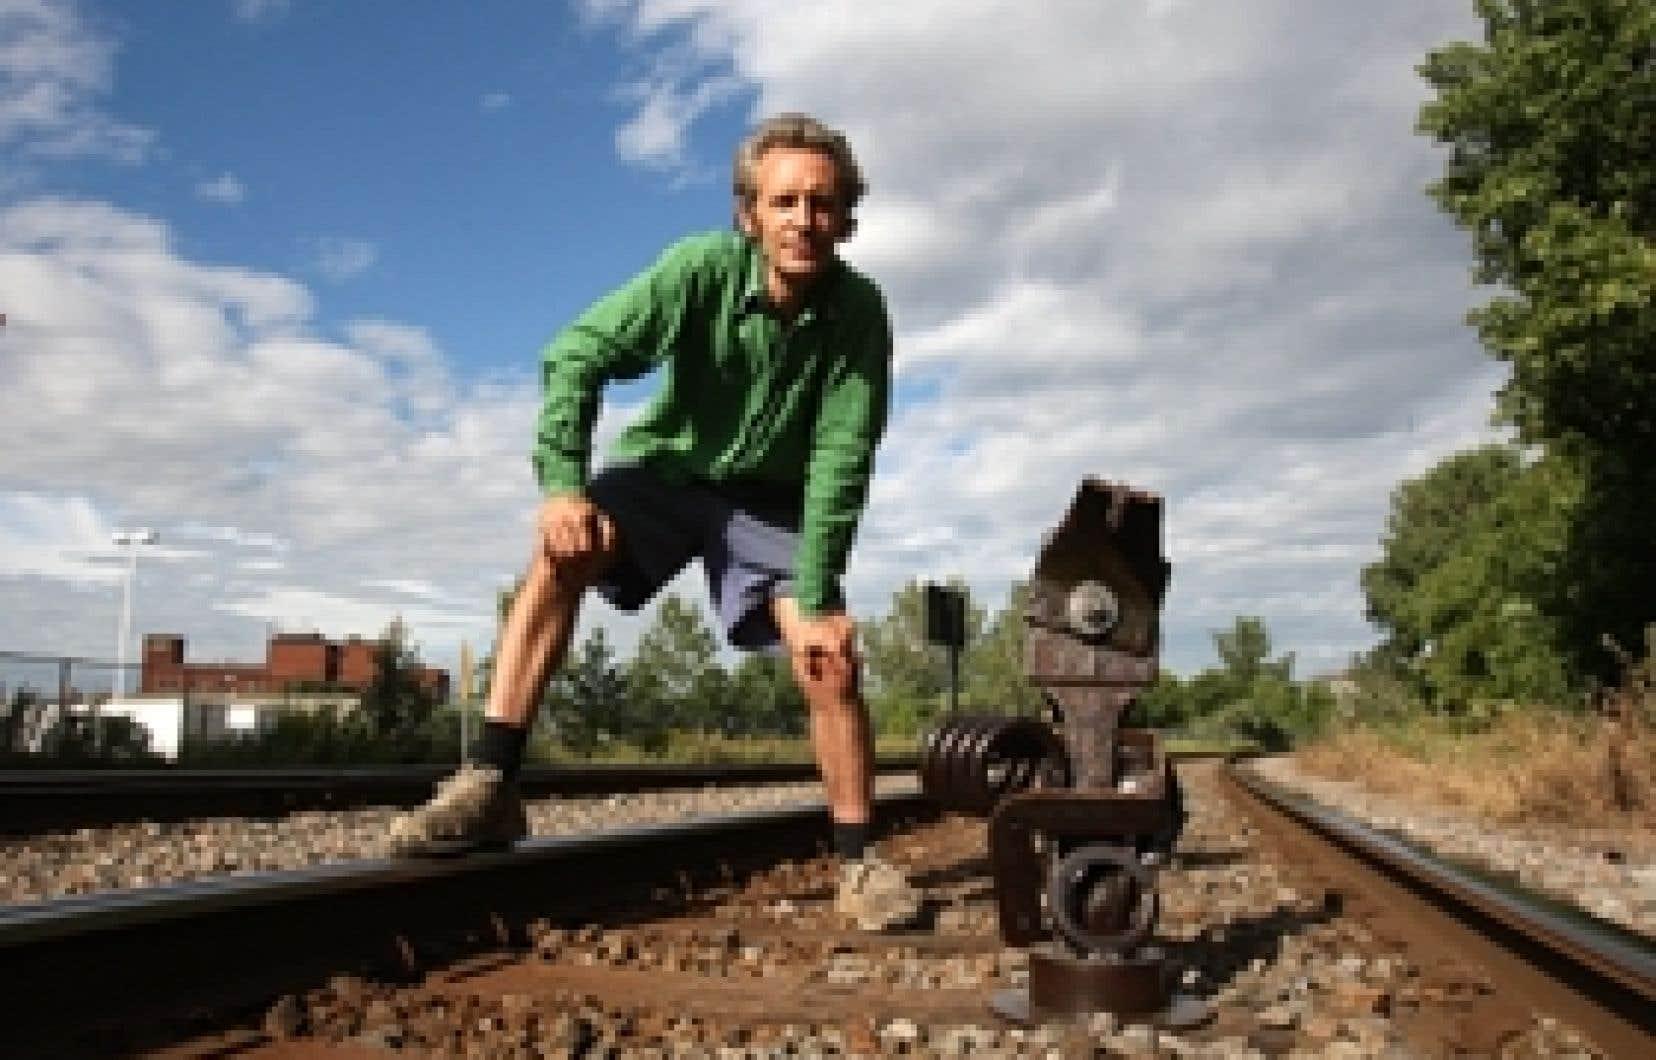 Glen Lemesurier a récupéré toutes sortes de pièces métalliques de la gare de triage d'Outremont. Son art est devenu ferroviaire.